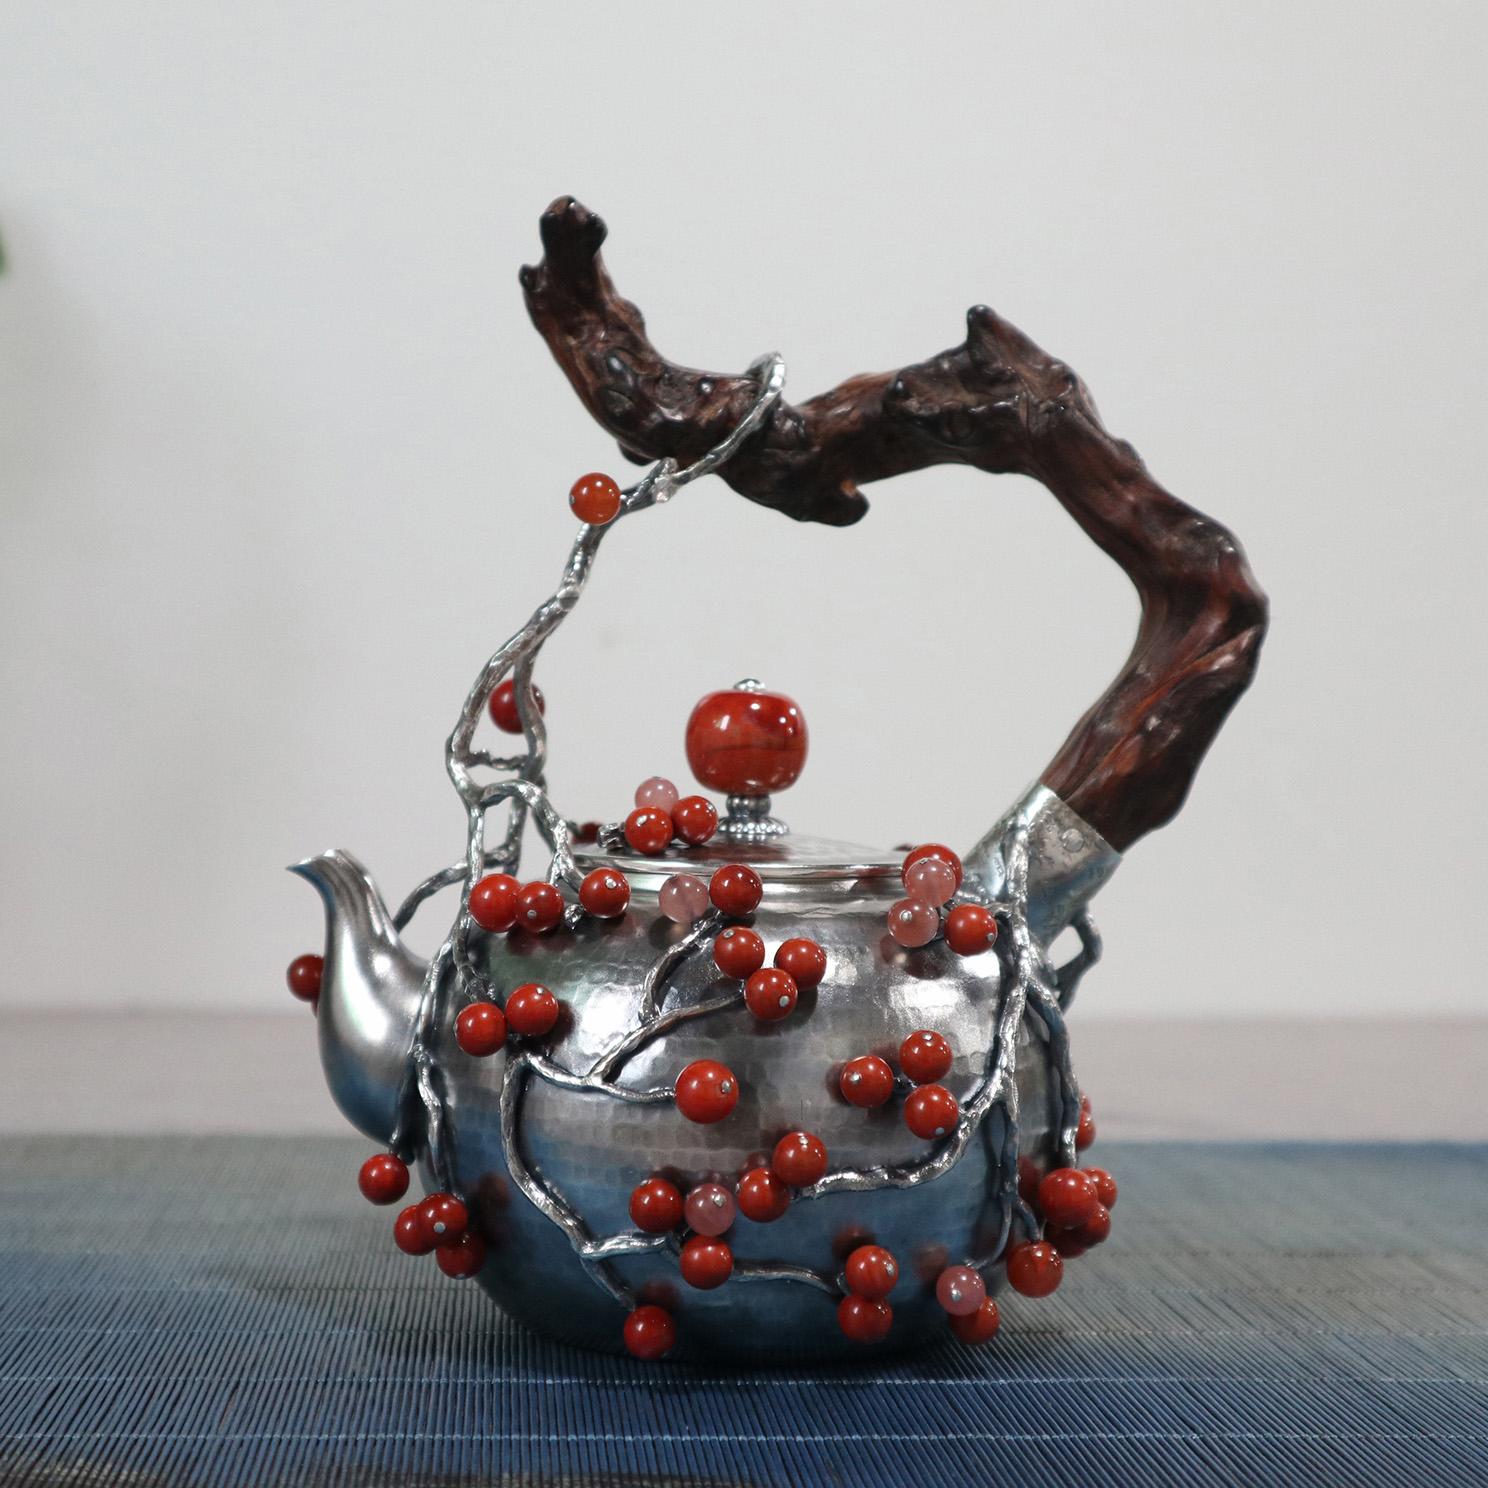 【多子多福】S999纯银手工 茶壶